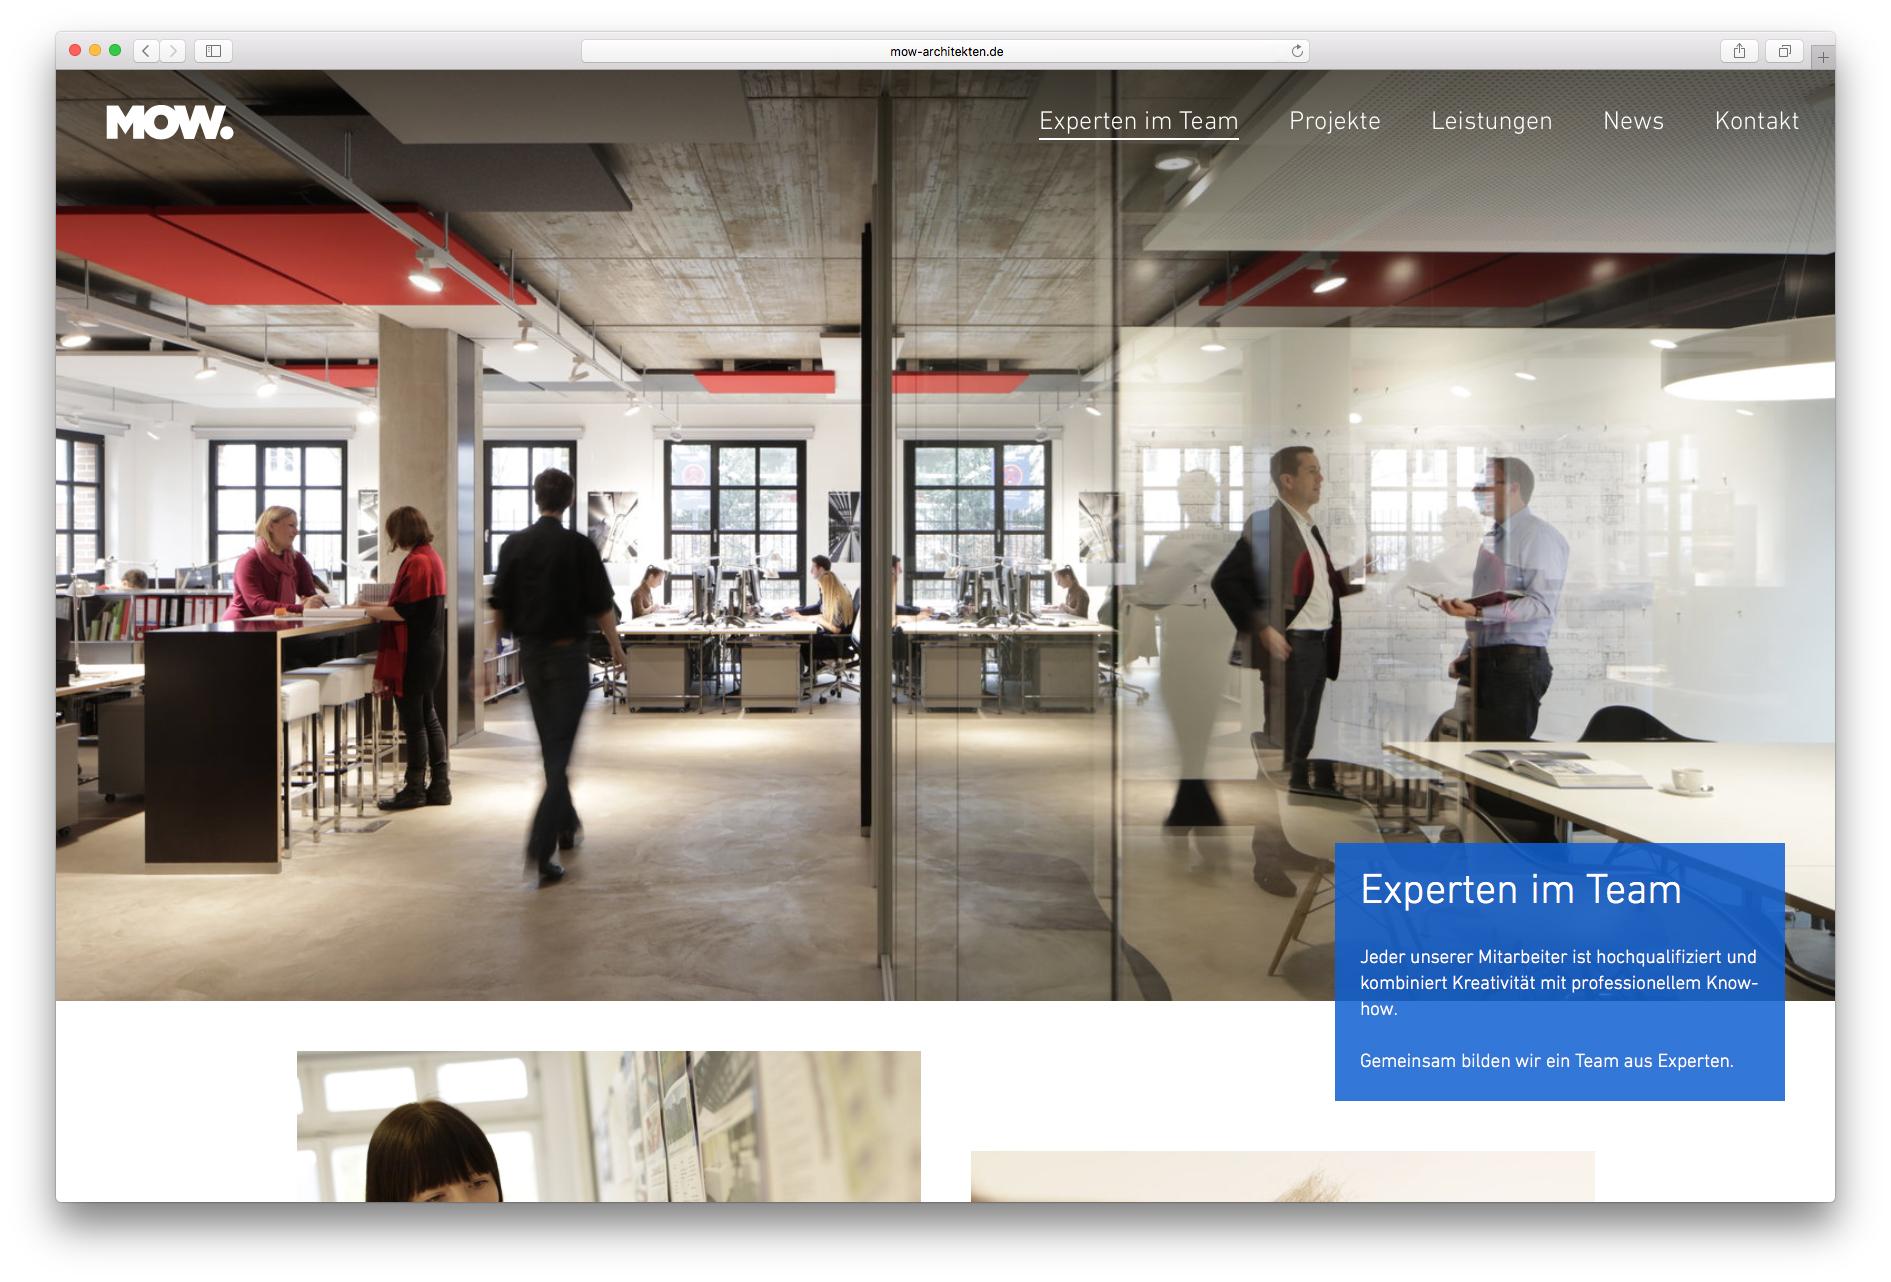 Quandel-Staudt-Design-MOW-Website-26